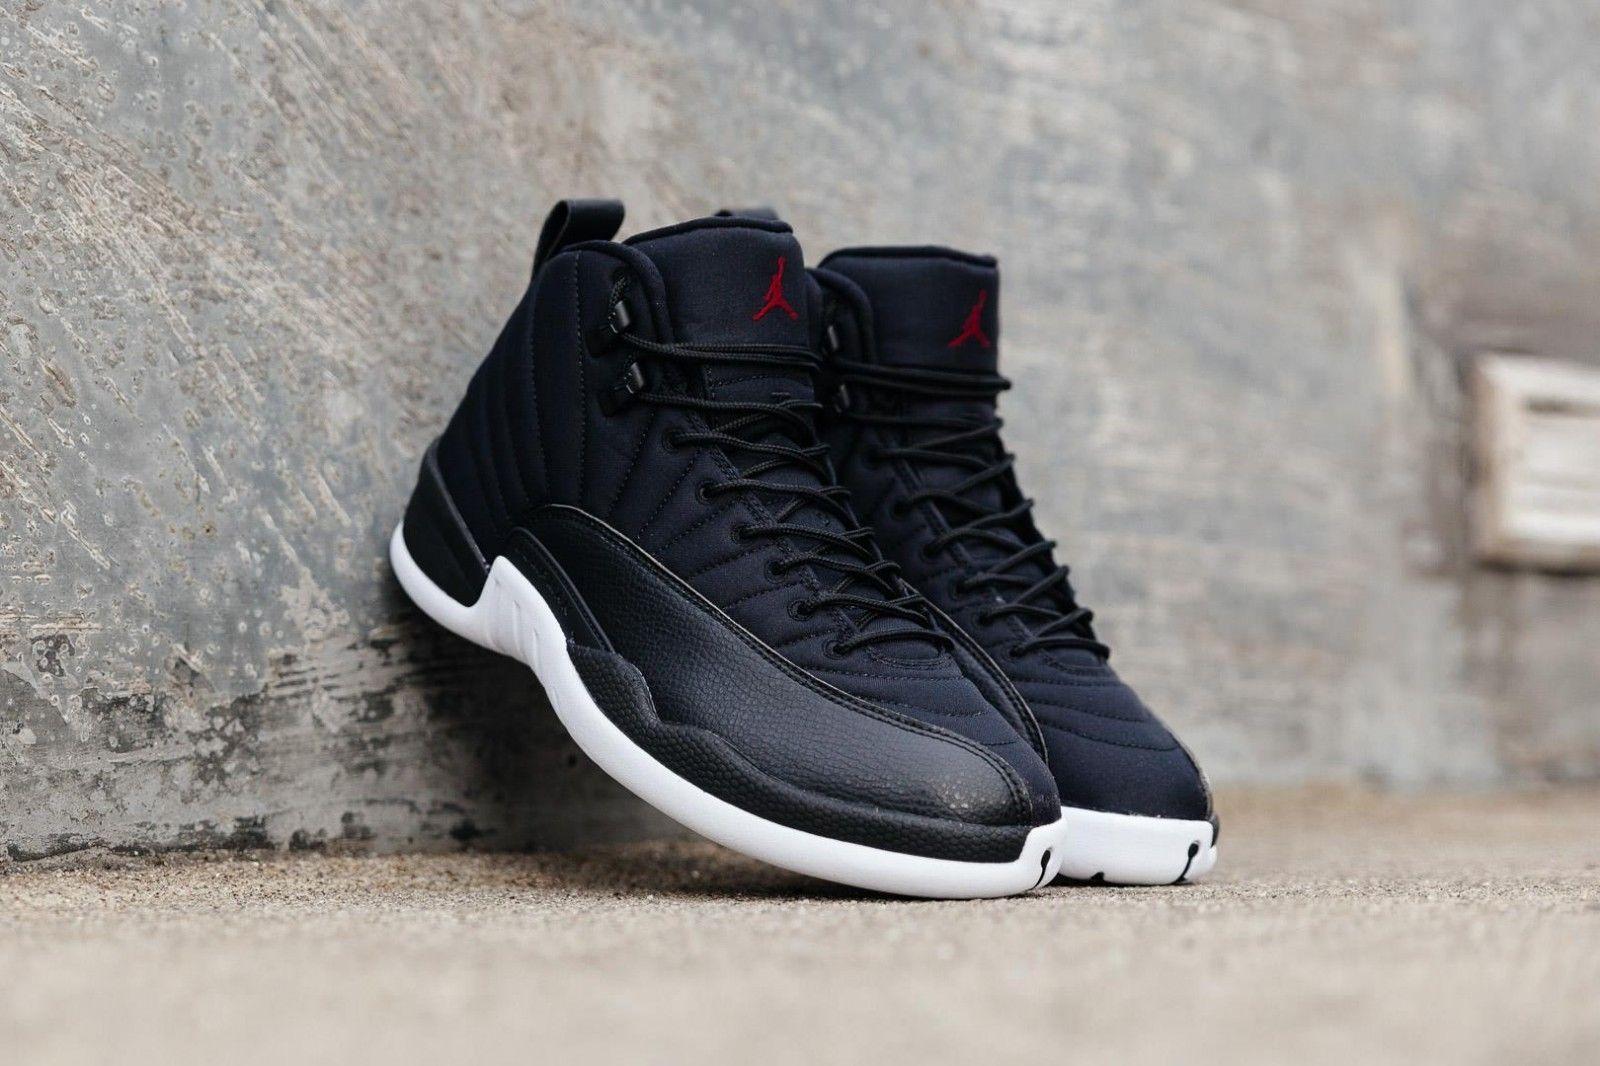 b3aca6a37fb1 Nike Air Jordan 12 Retro Black Nylon   and 50 similar items. S l1600